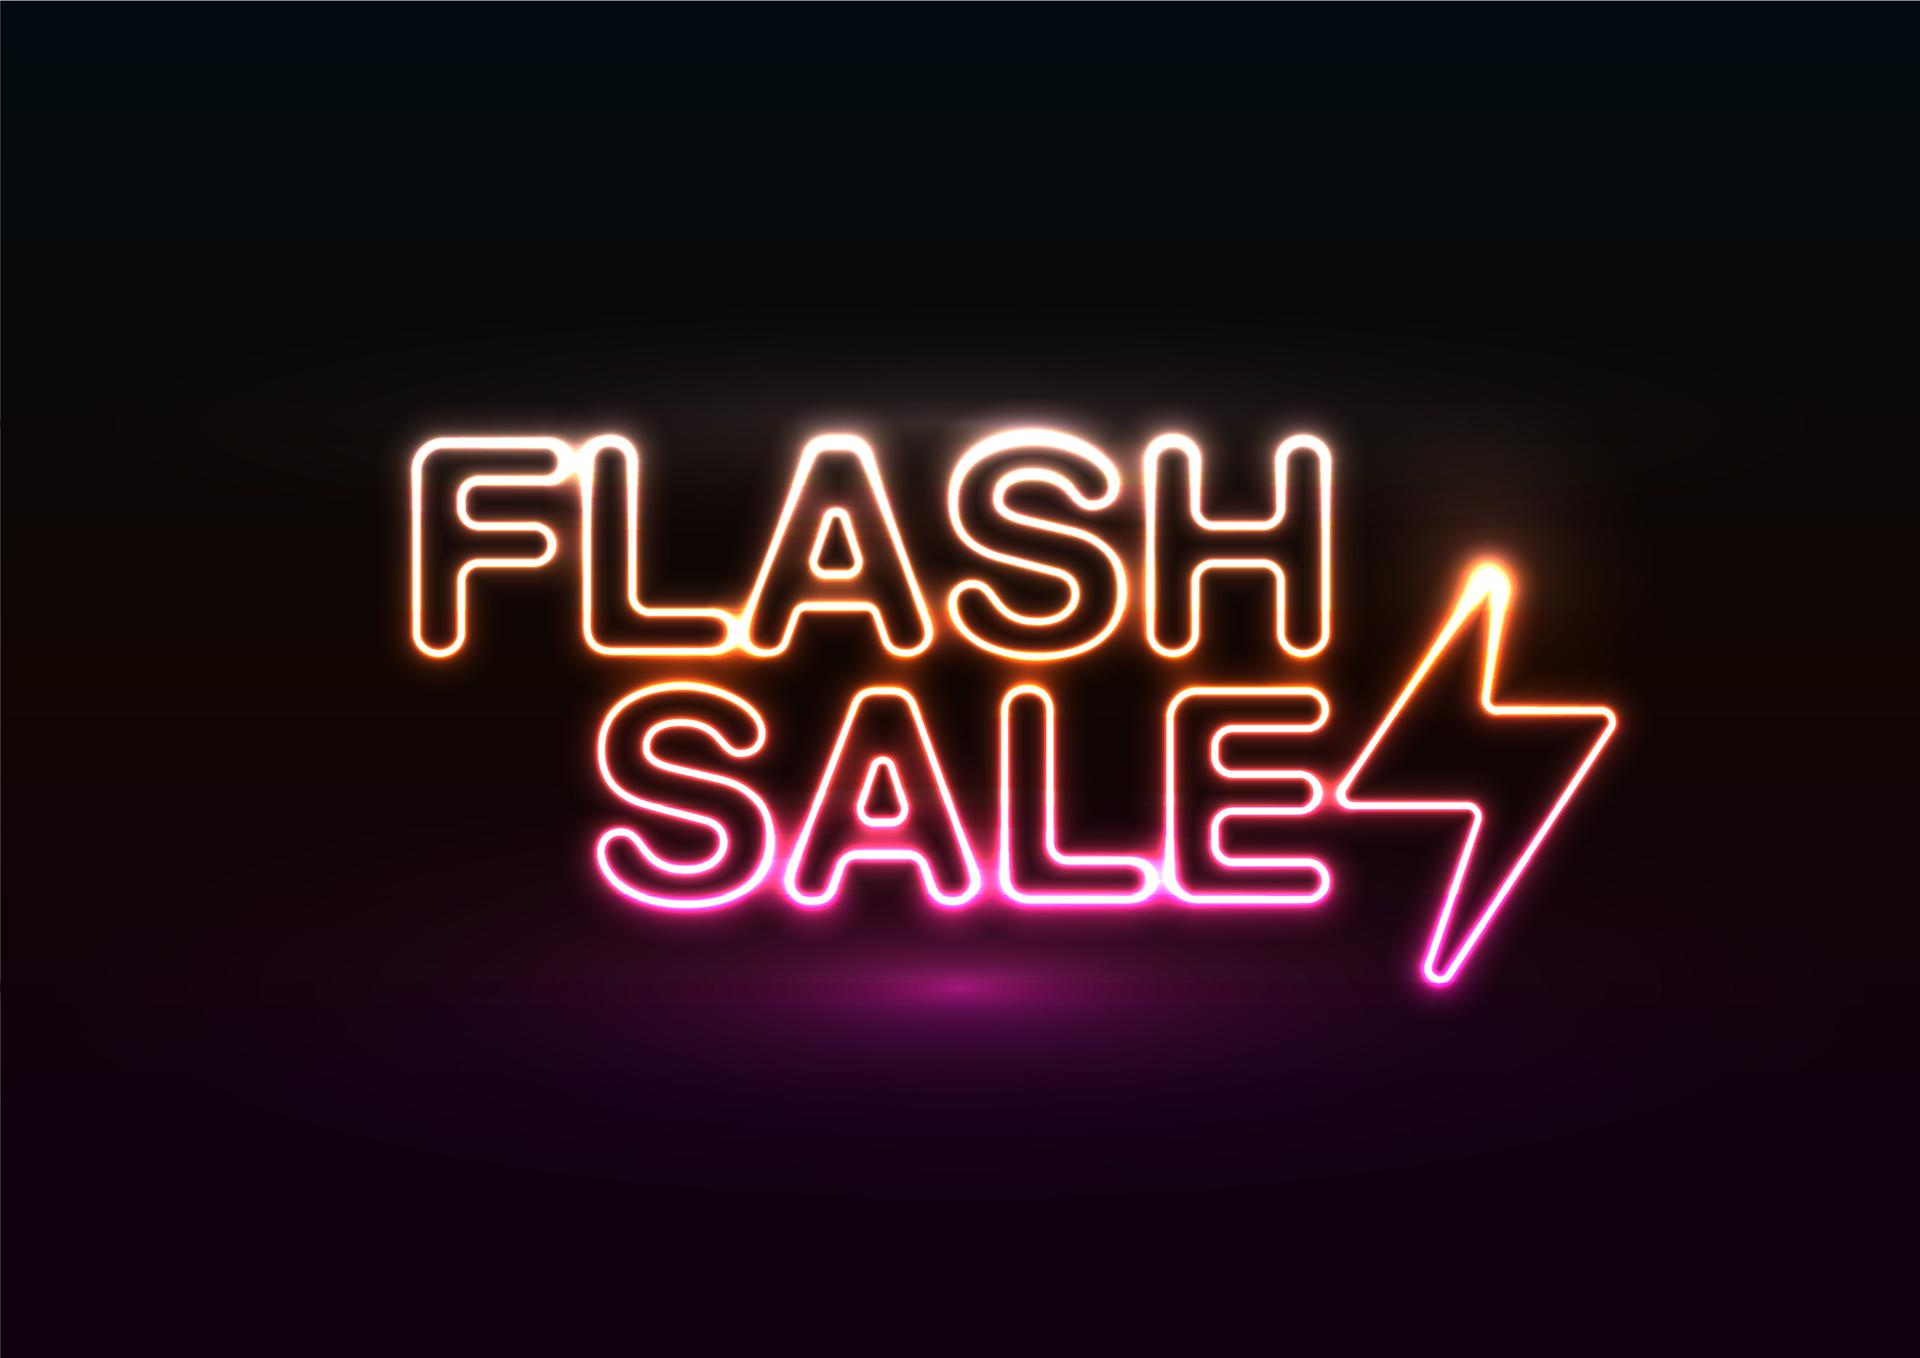 9 Essentials to Running a Flash Sale